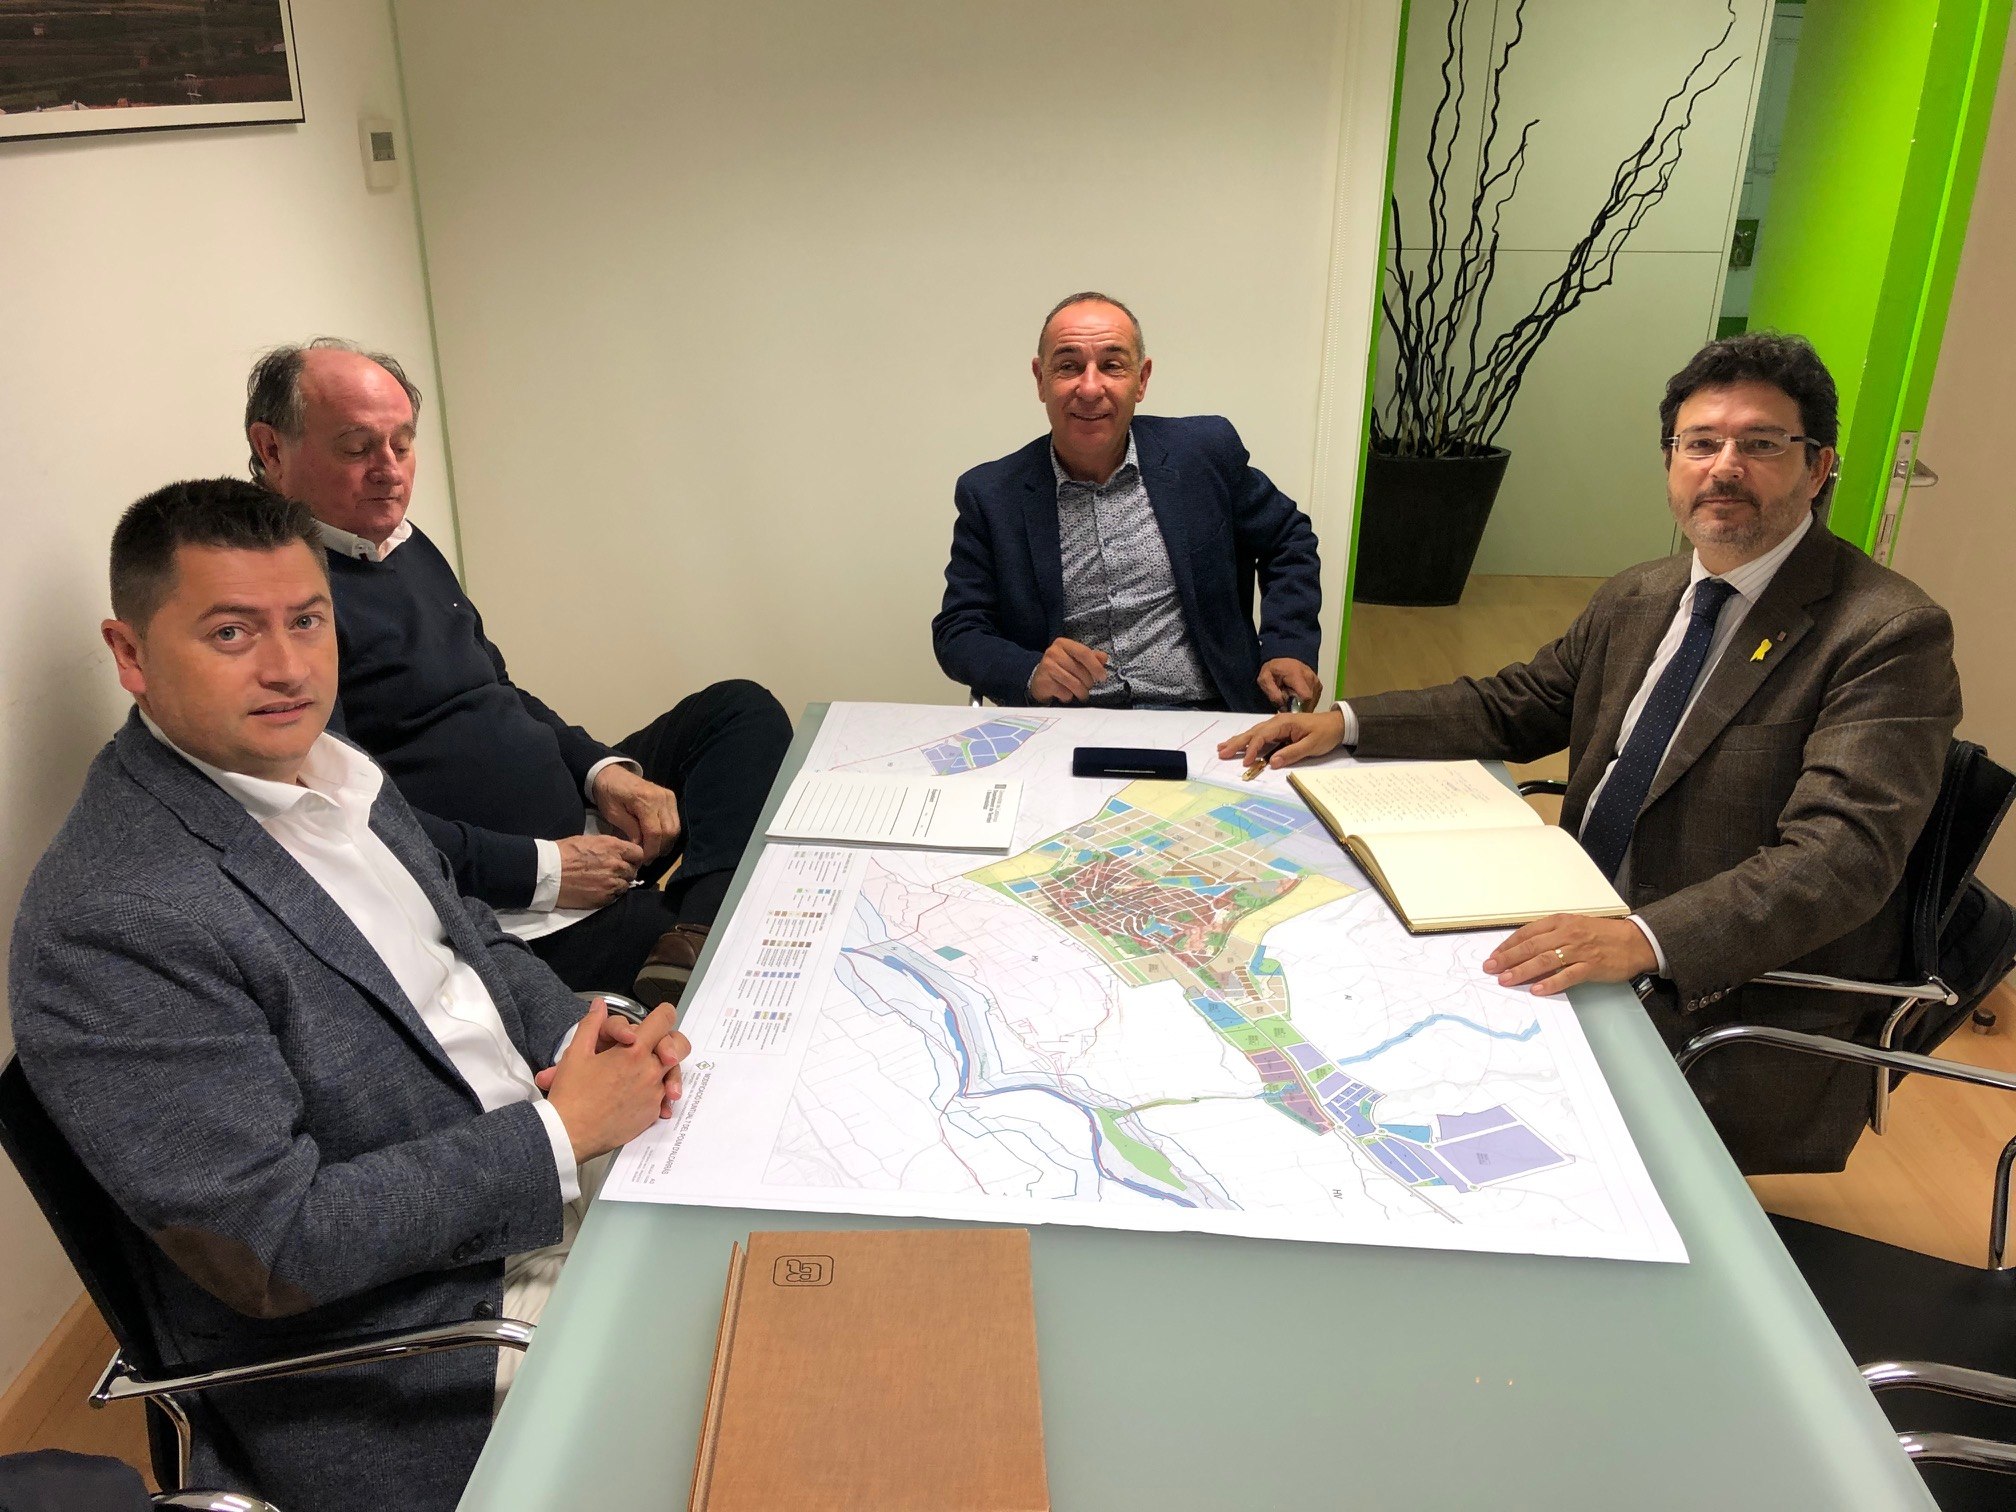 La reunió dels representants del Departament de Territori i Sostenibilitat amb l'Ajuntament d'Alcarràs